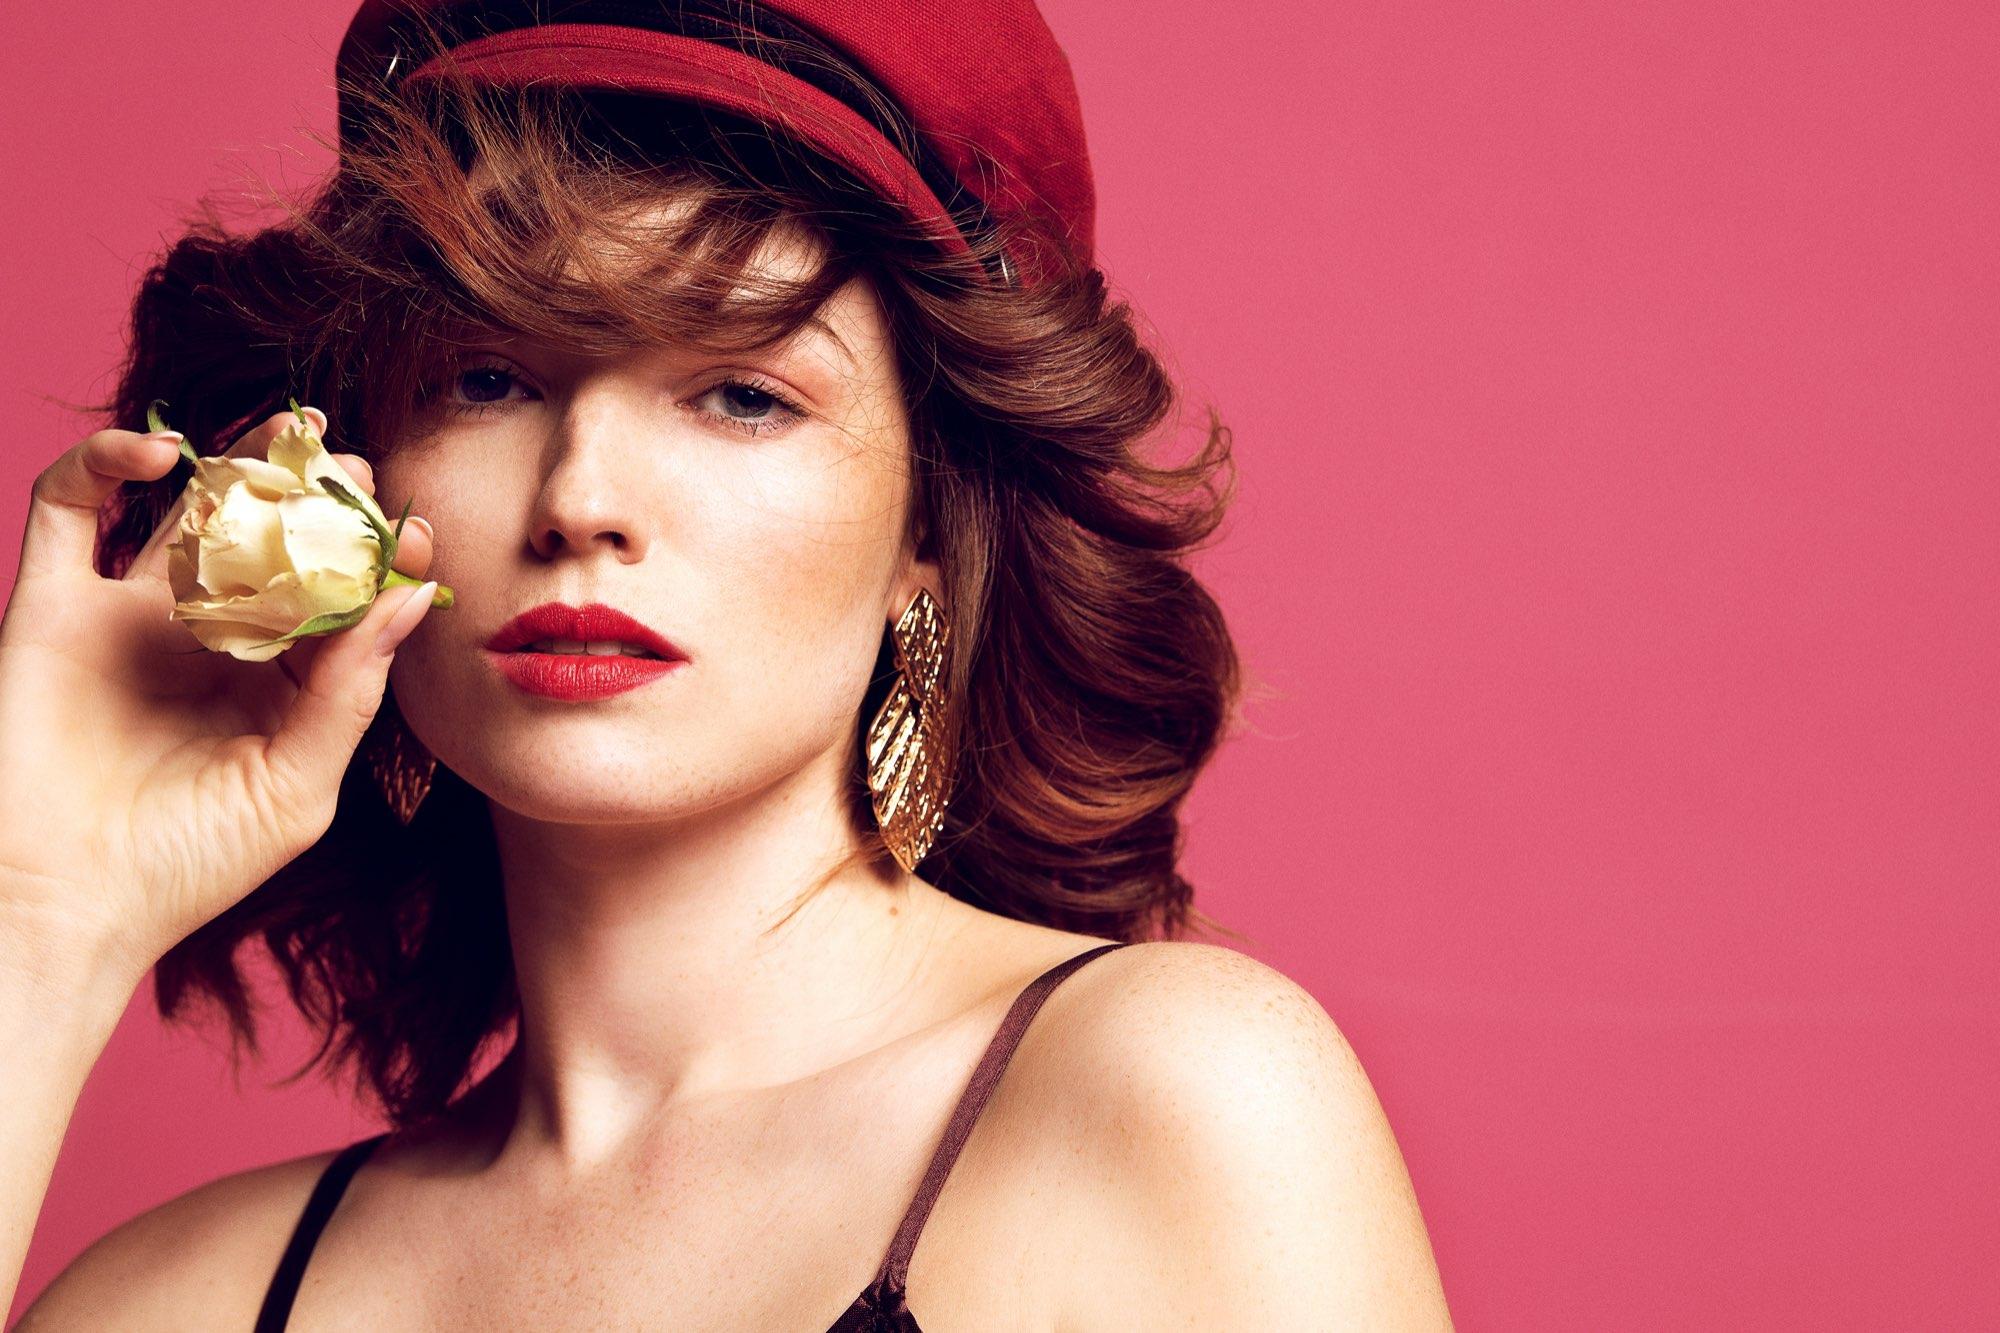 Hair, Nail, Make-up und Fashion styling portfolio / ilknur-gelme- - rose---pinker-hintergrund-ID442-13.jpeg?v=1585836730